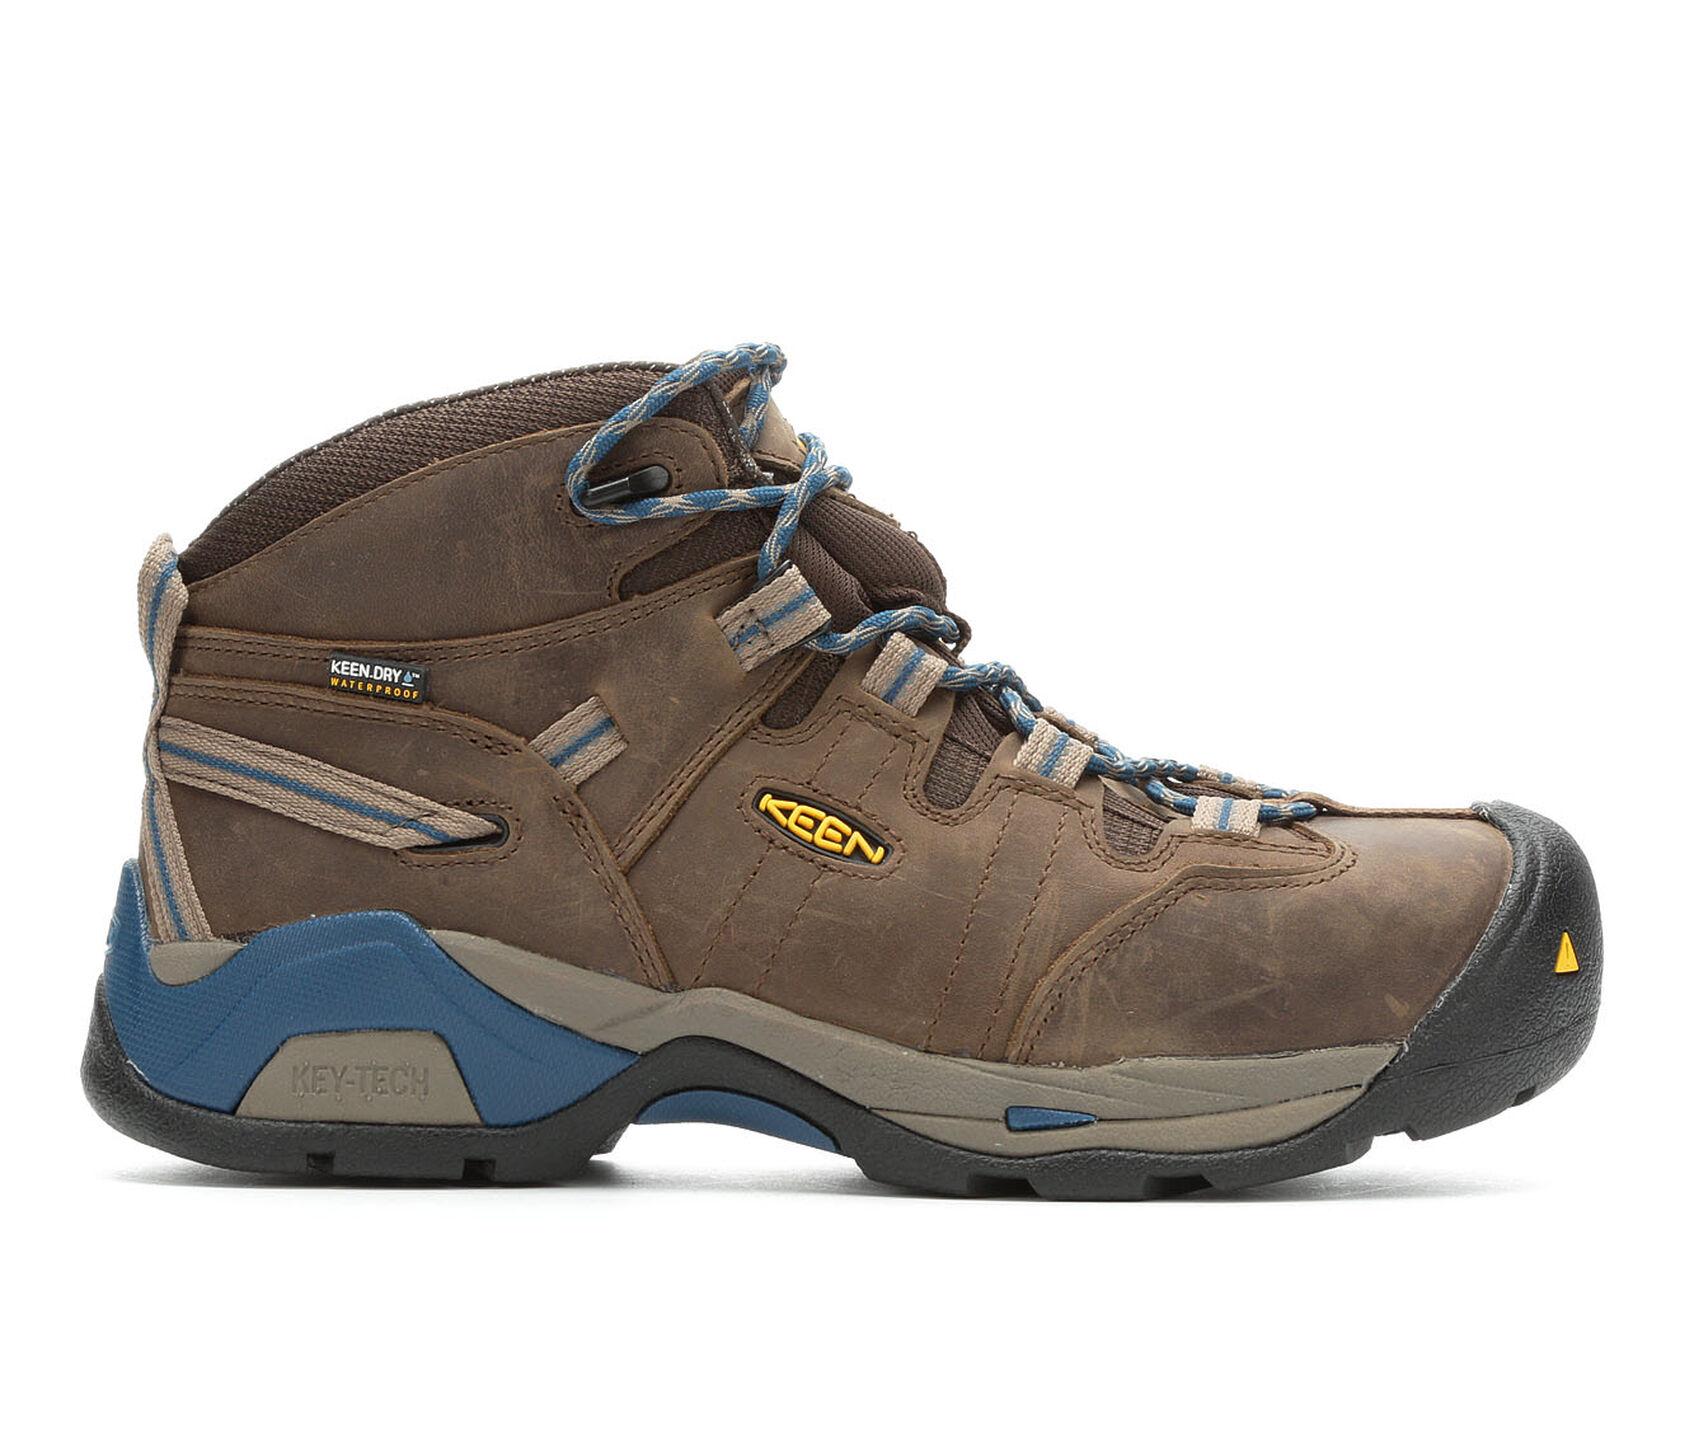 1a4d217eab1 Men's KEEN Utility Detroit XT Mid Steel Toe Waterproof Work Boots